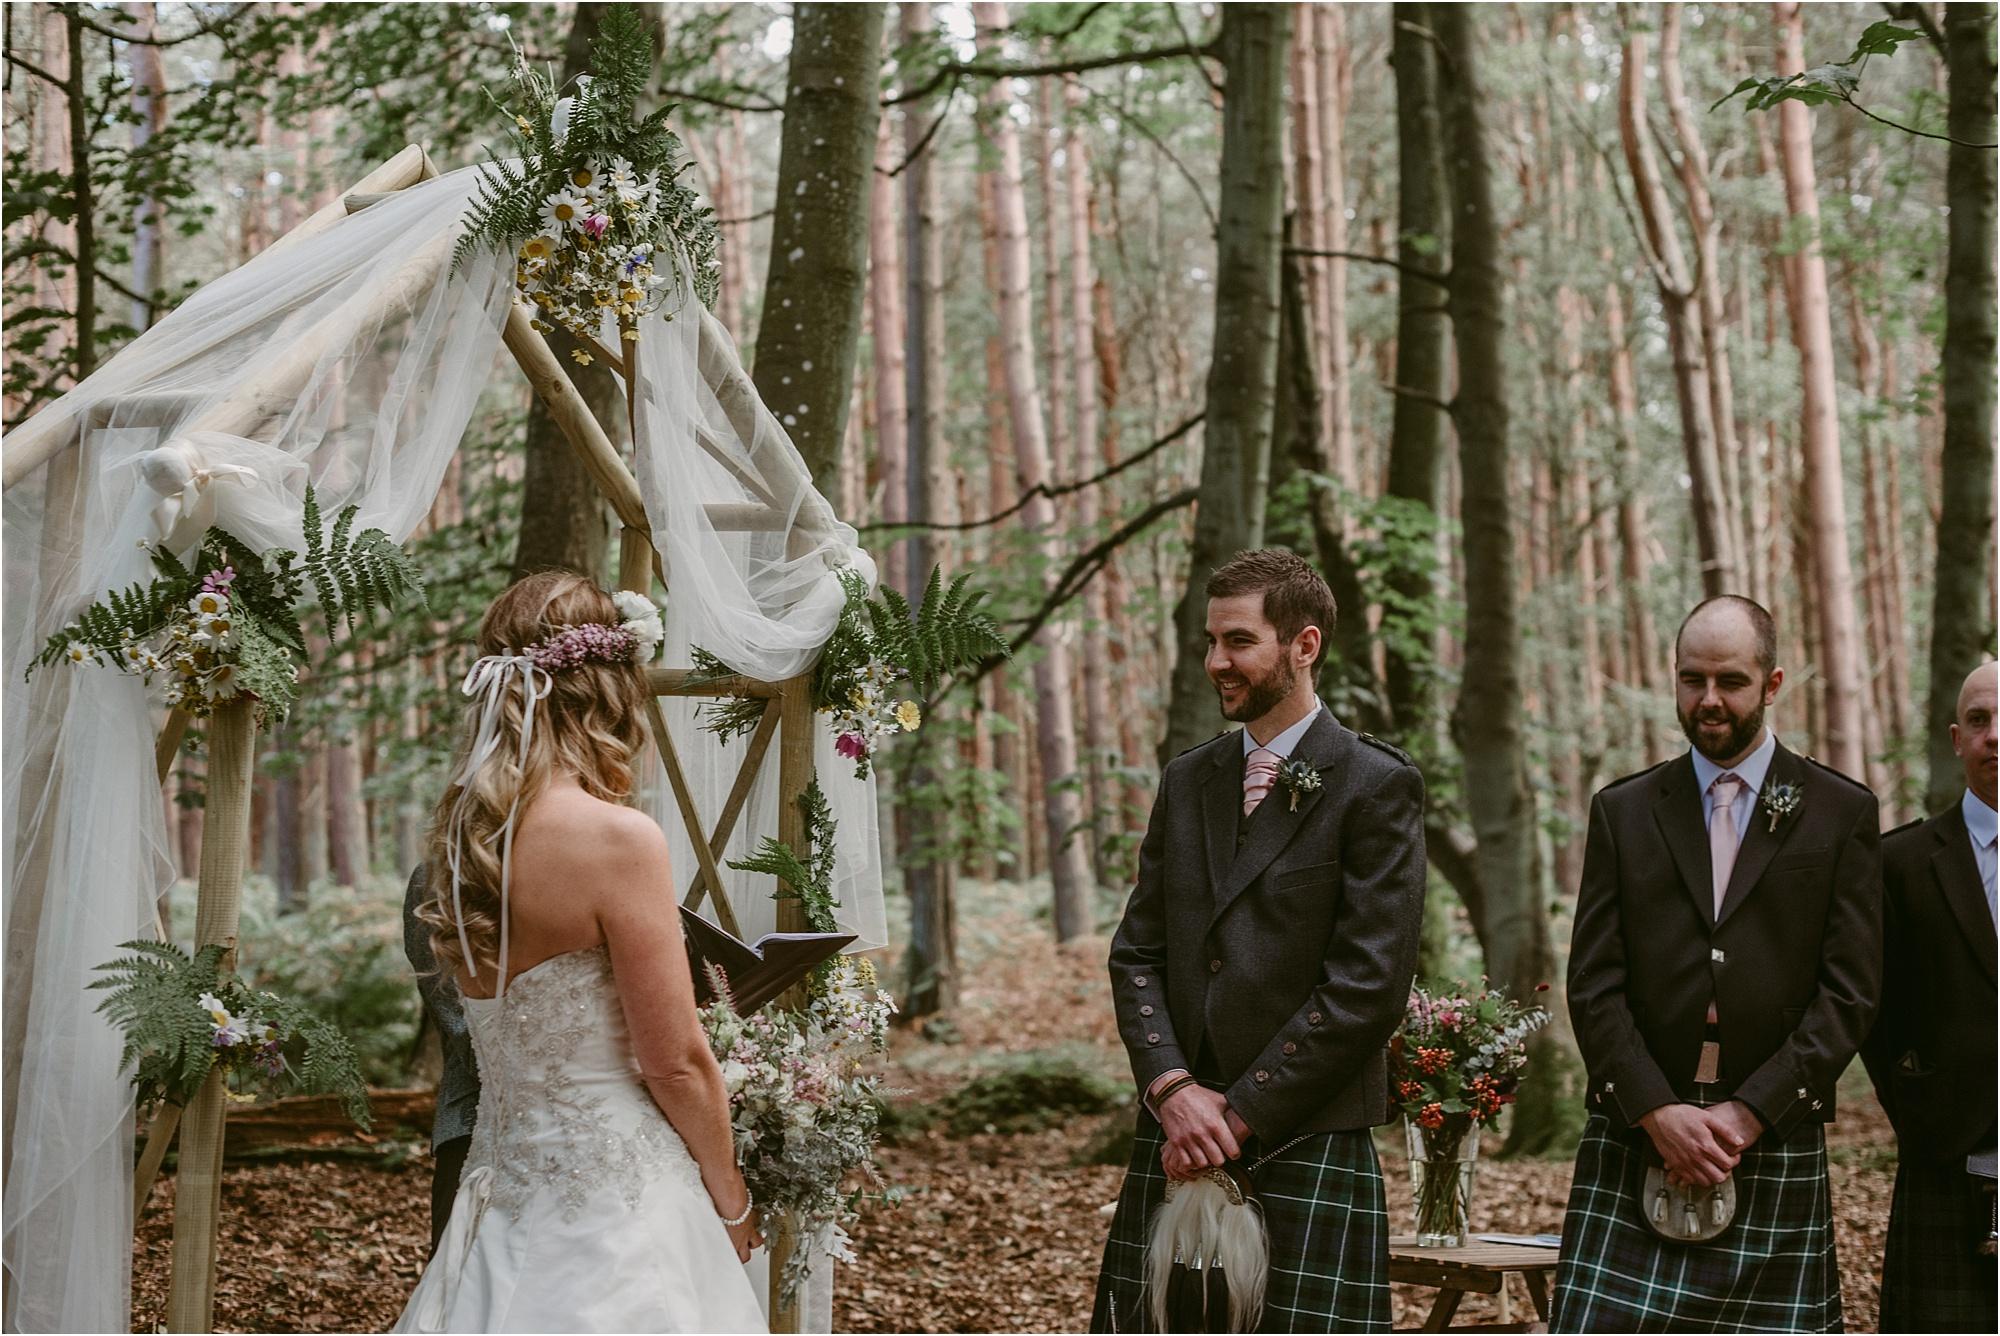 Scottish-outdoor-forest-wedding-edinburgh__0045.jpg